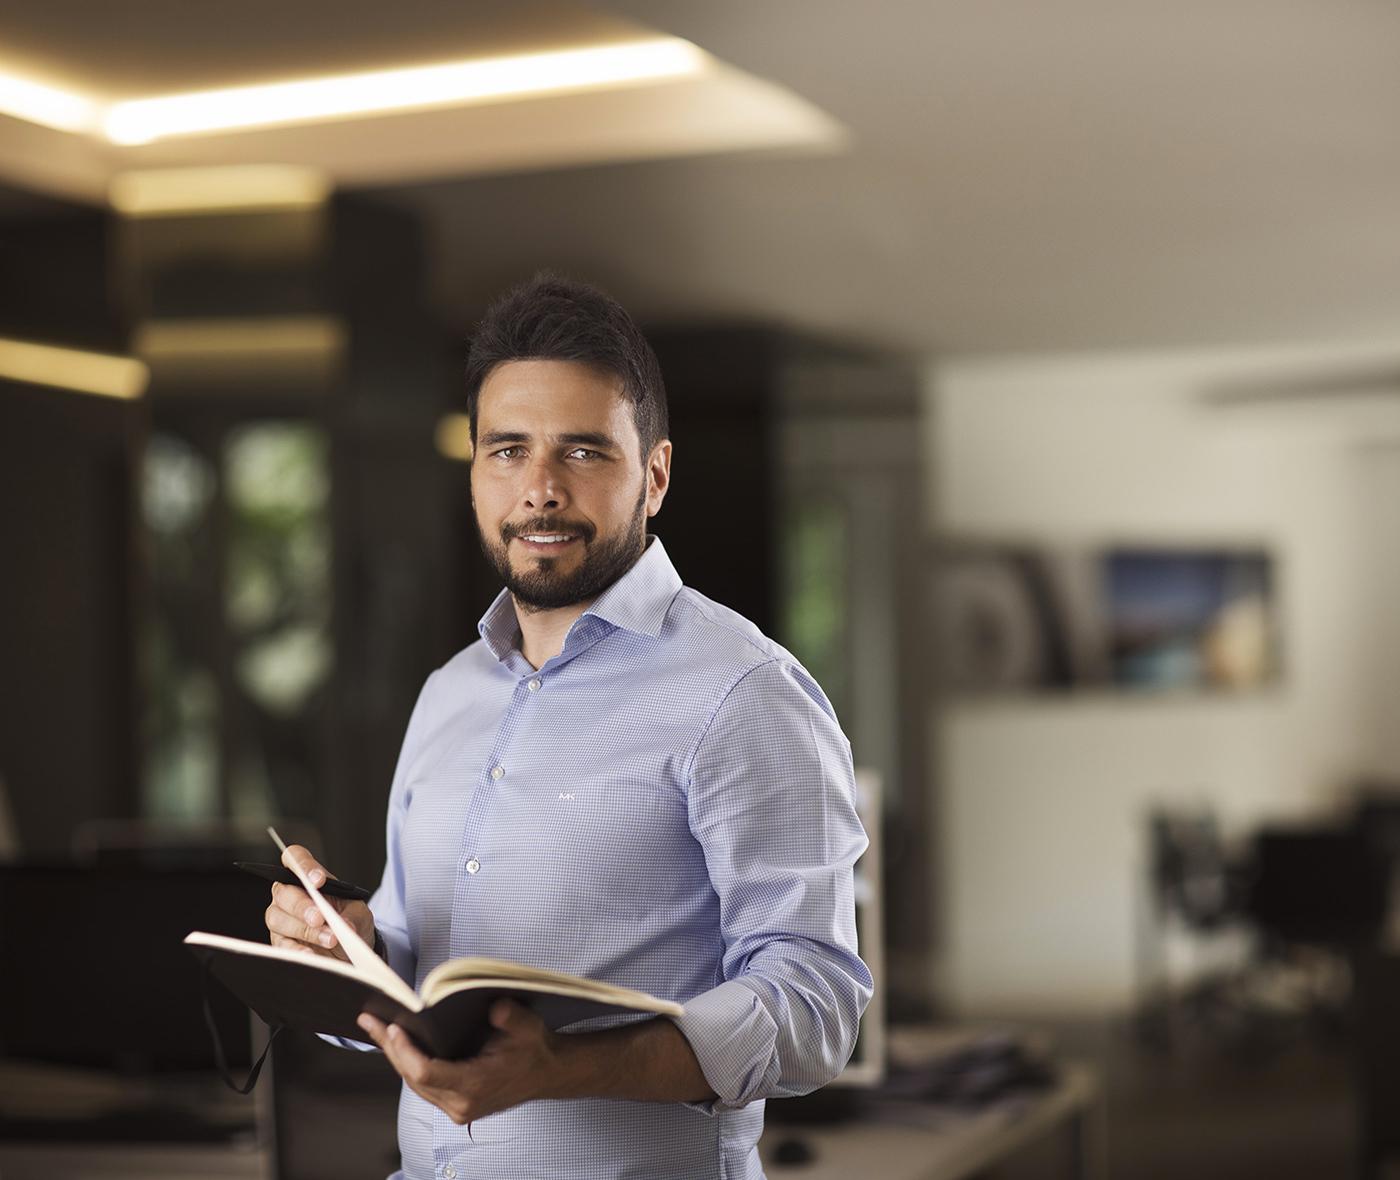 Carlos Gallardo - Arquitecto Socio - Gallardo Llopis